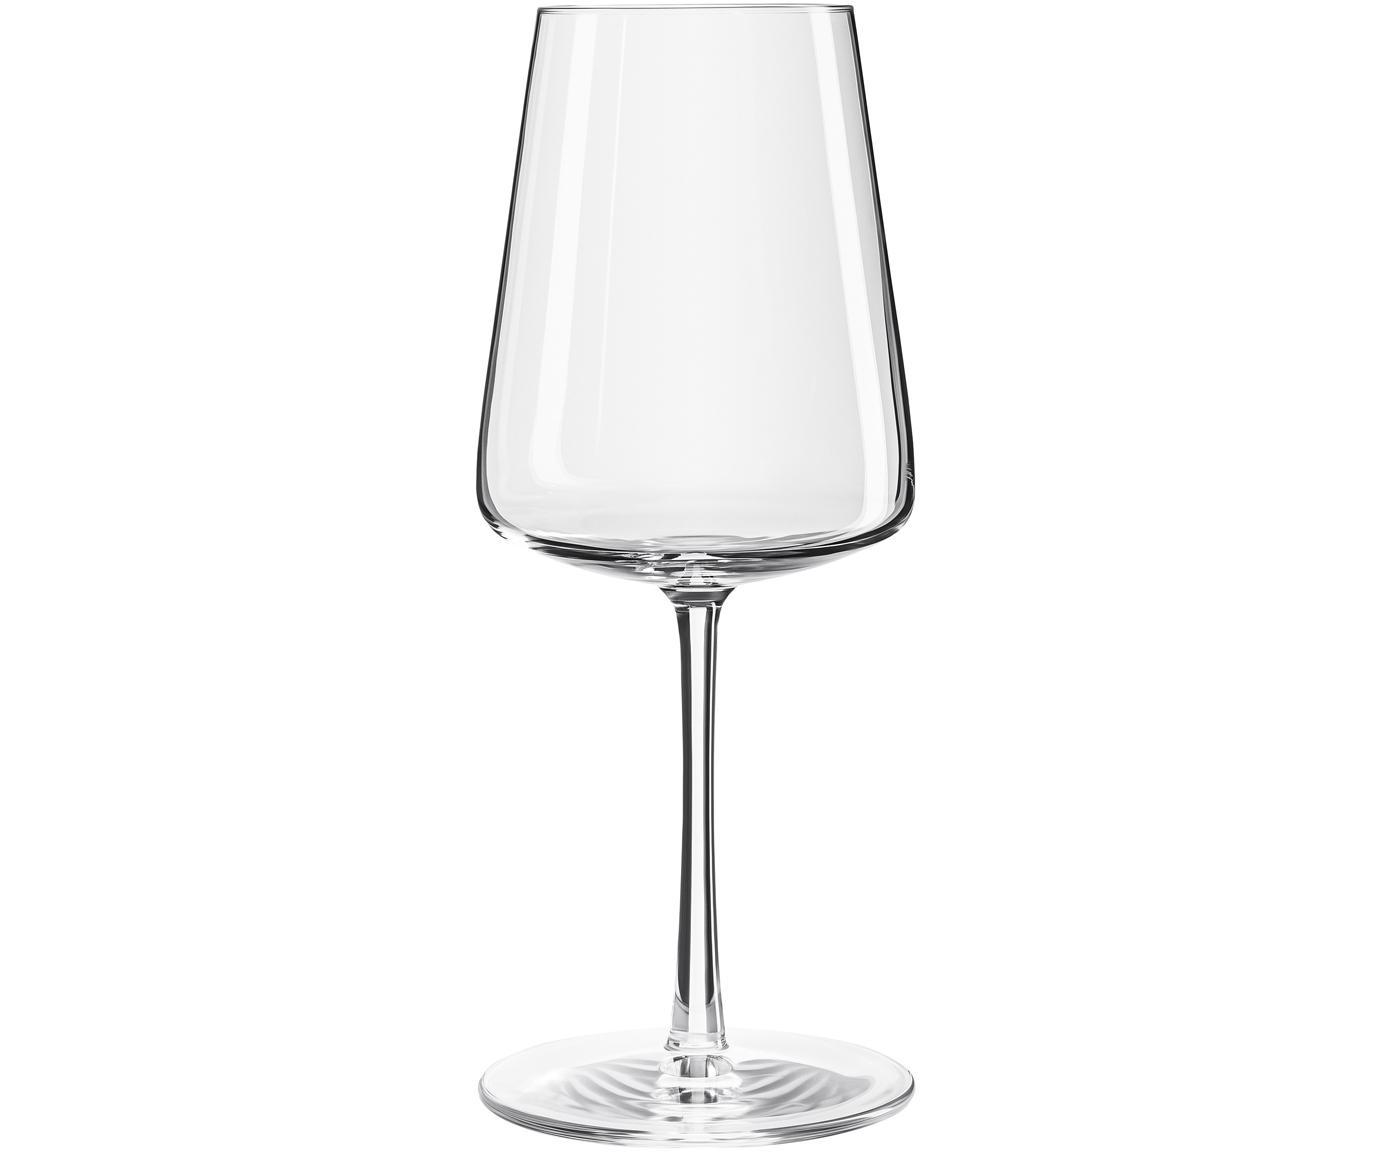 Kristall-Weissweingläser Power in Kegelform, 6er-Set, Kristallglas, Transparent, Ø 9 x H 21 cm